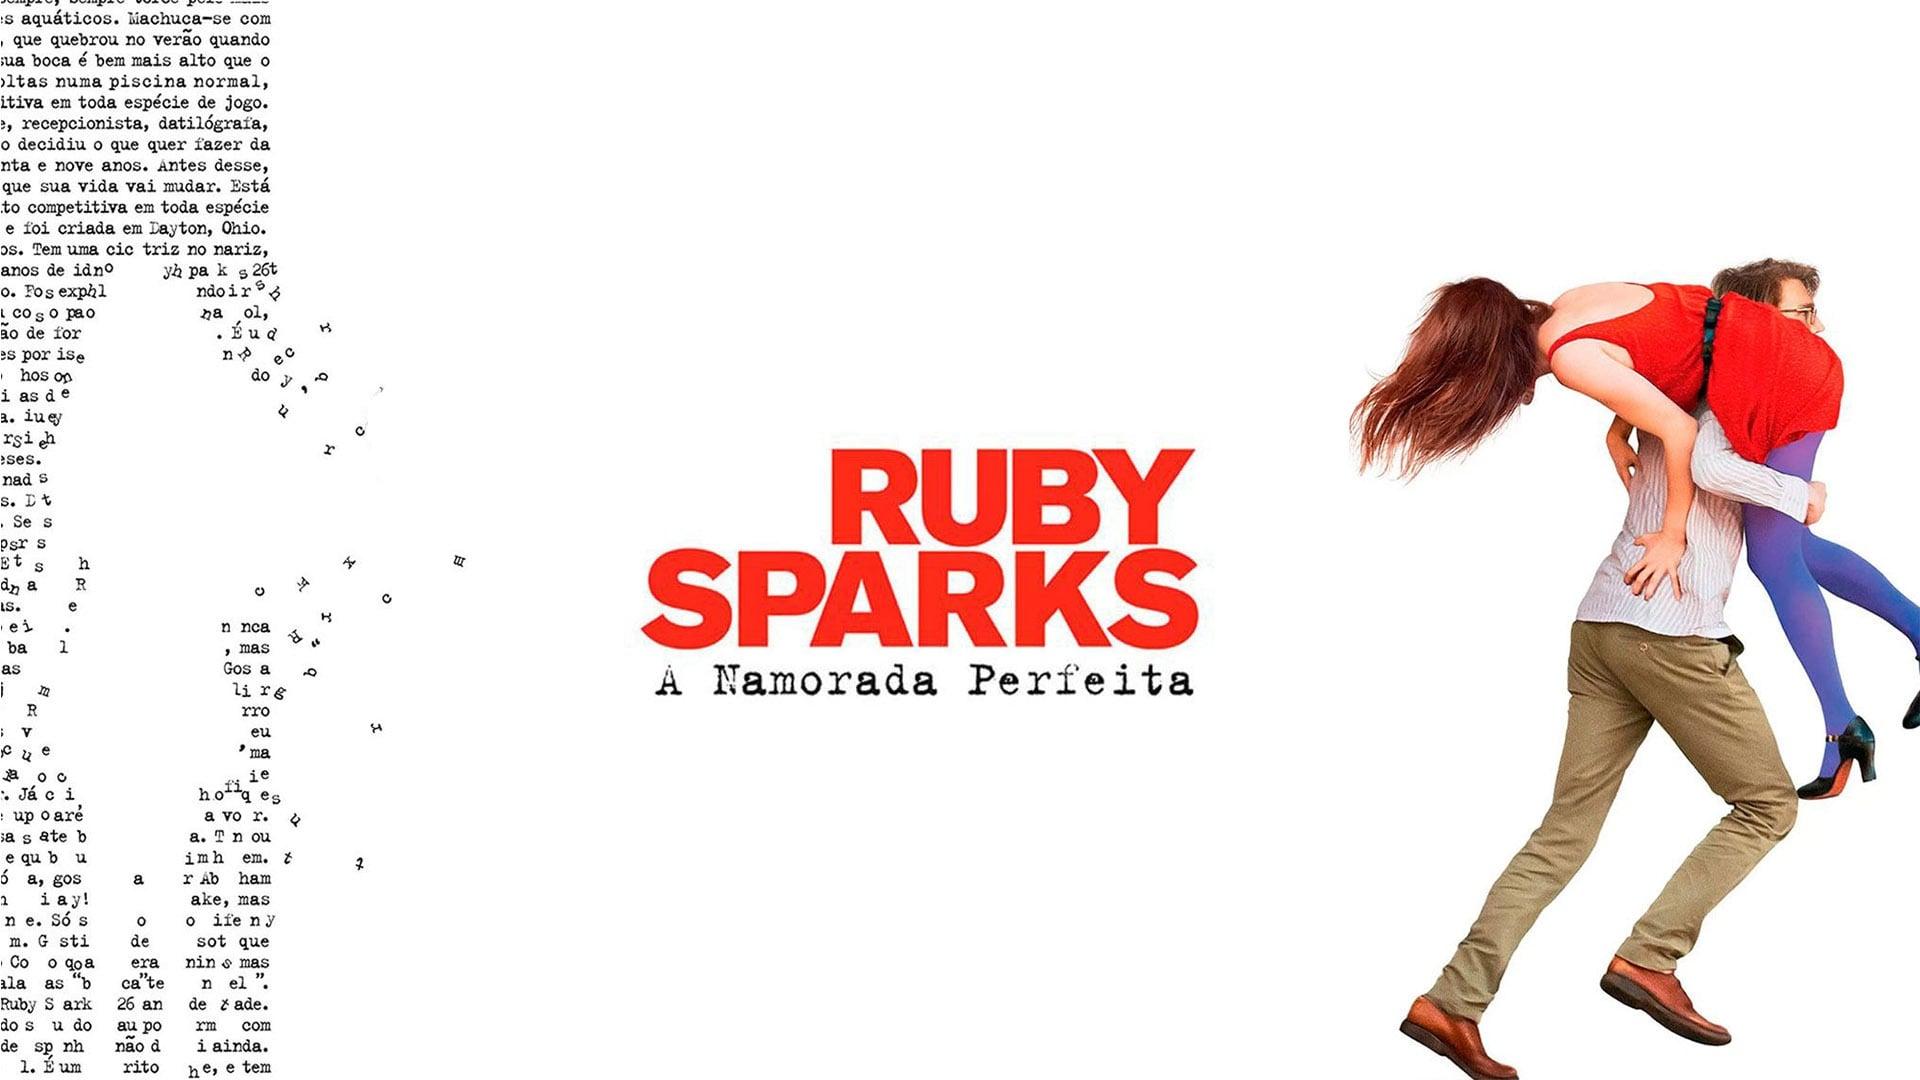 Espanol chica latino la suenos de sparks mis ruby Reseña. Ruby,